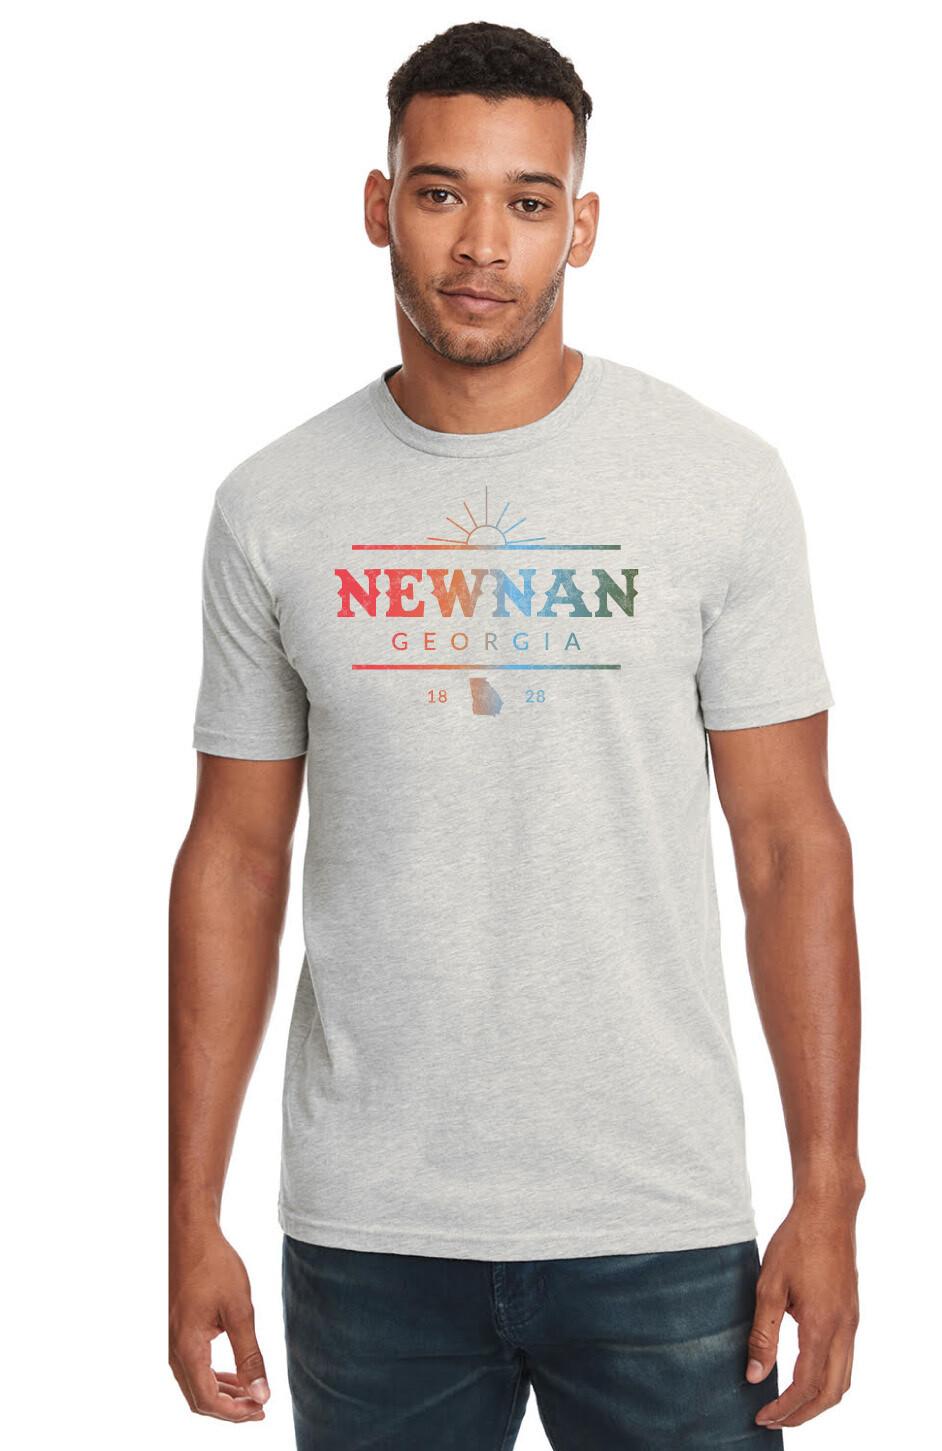 New Newnan Shirt Design